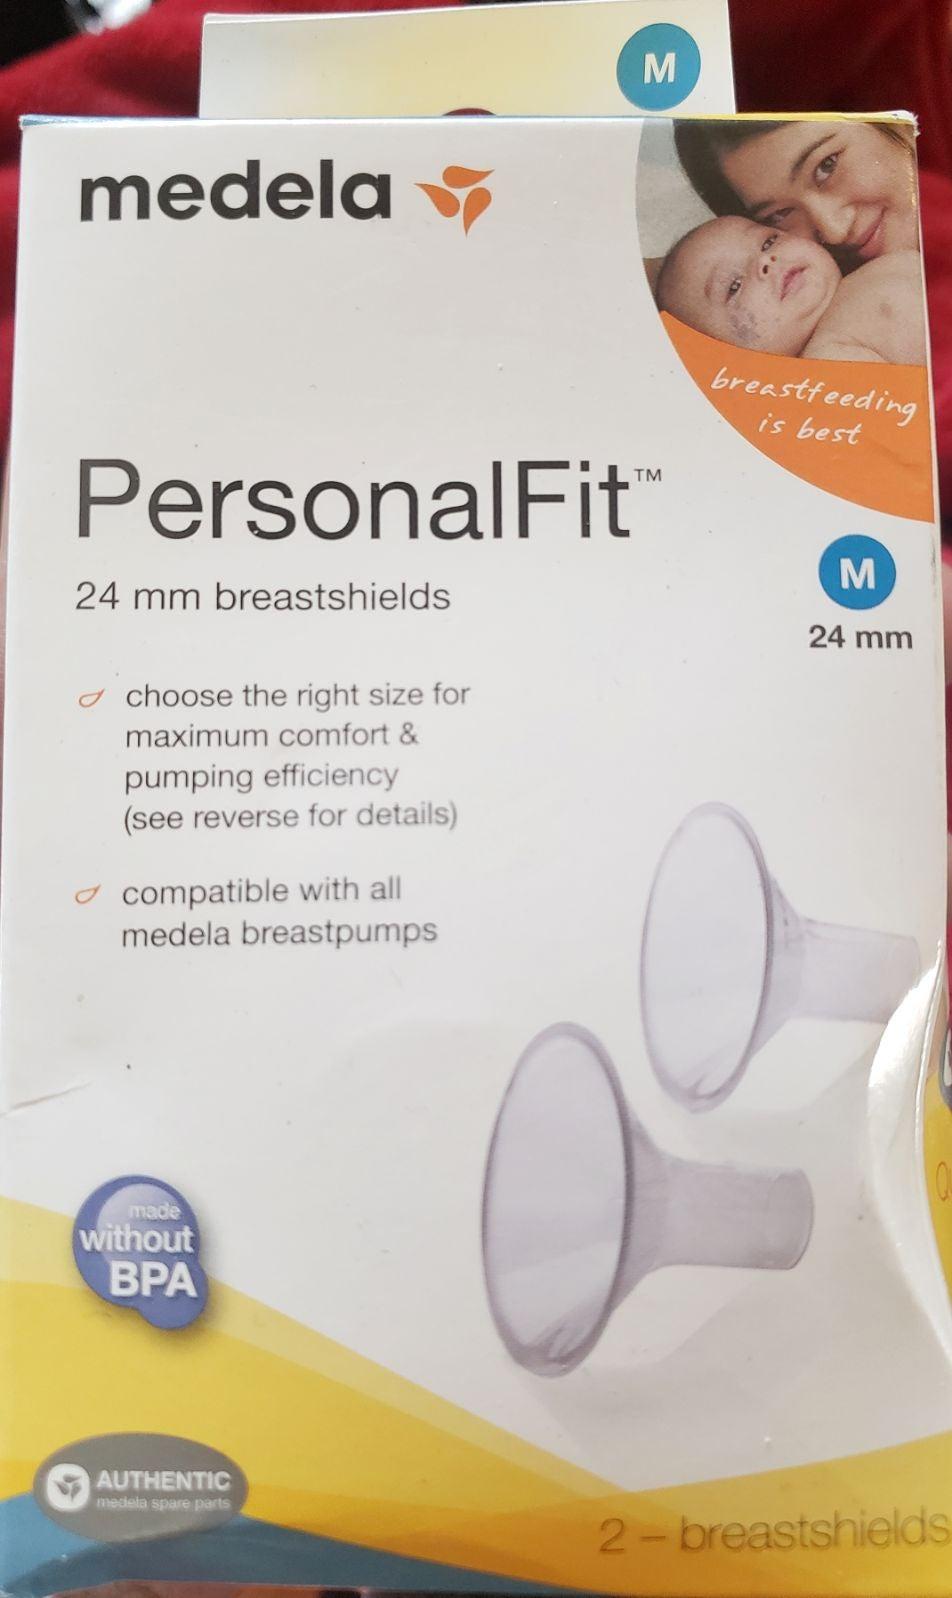 Medela PersonalFit 24 mm breastshields